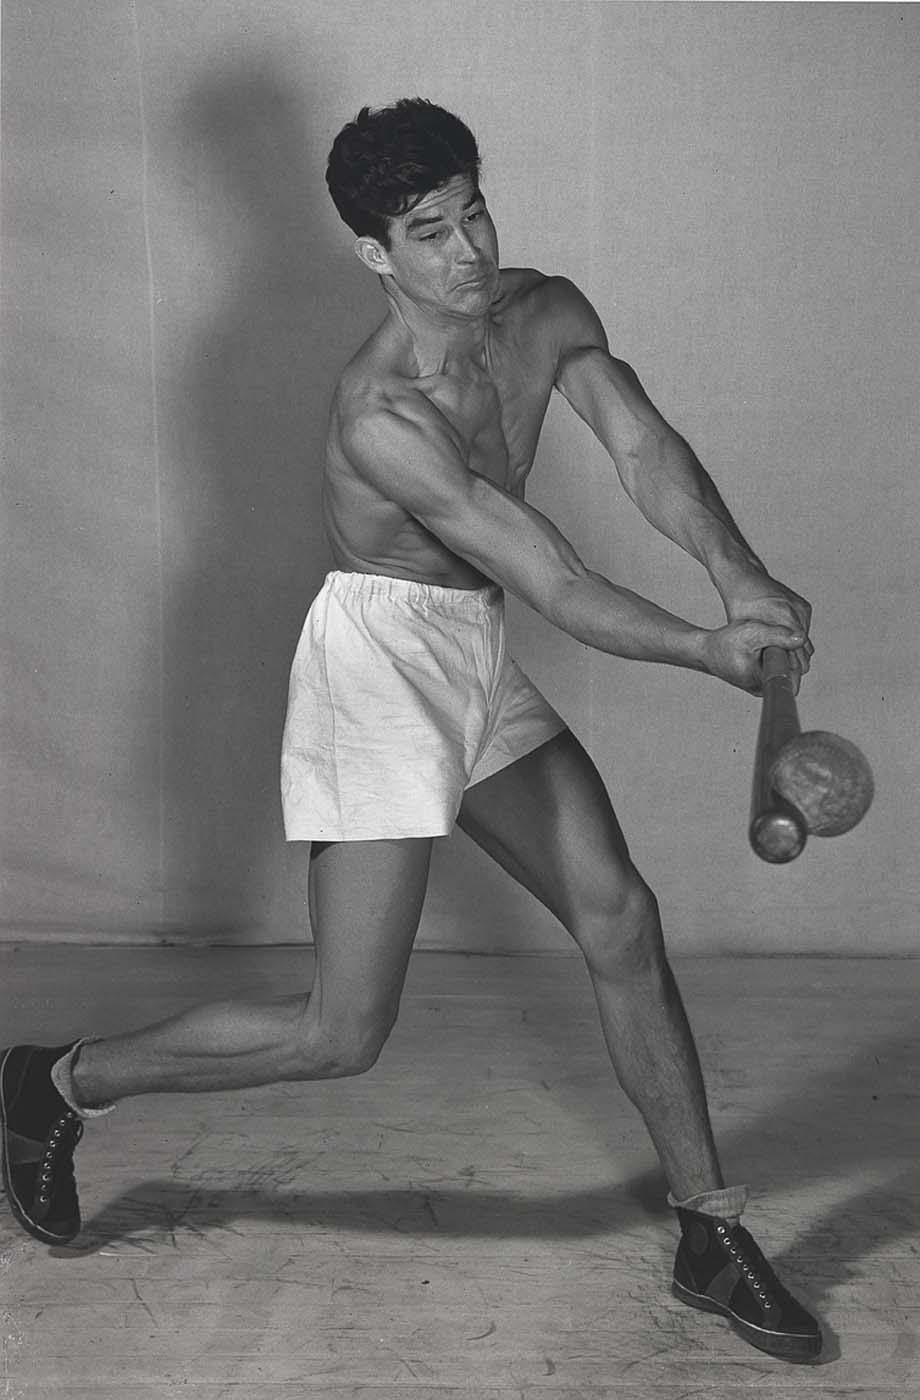 Harold E. Edgerton, Jim Dotson hits softball, 1938.jpeg